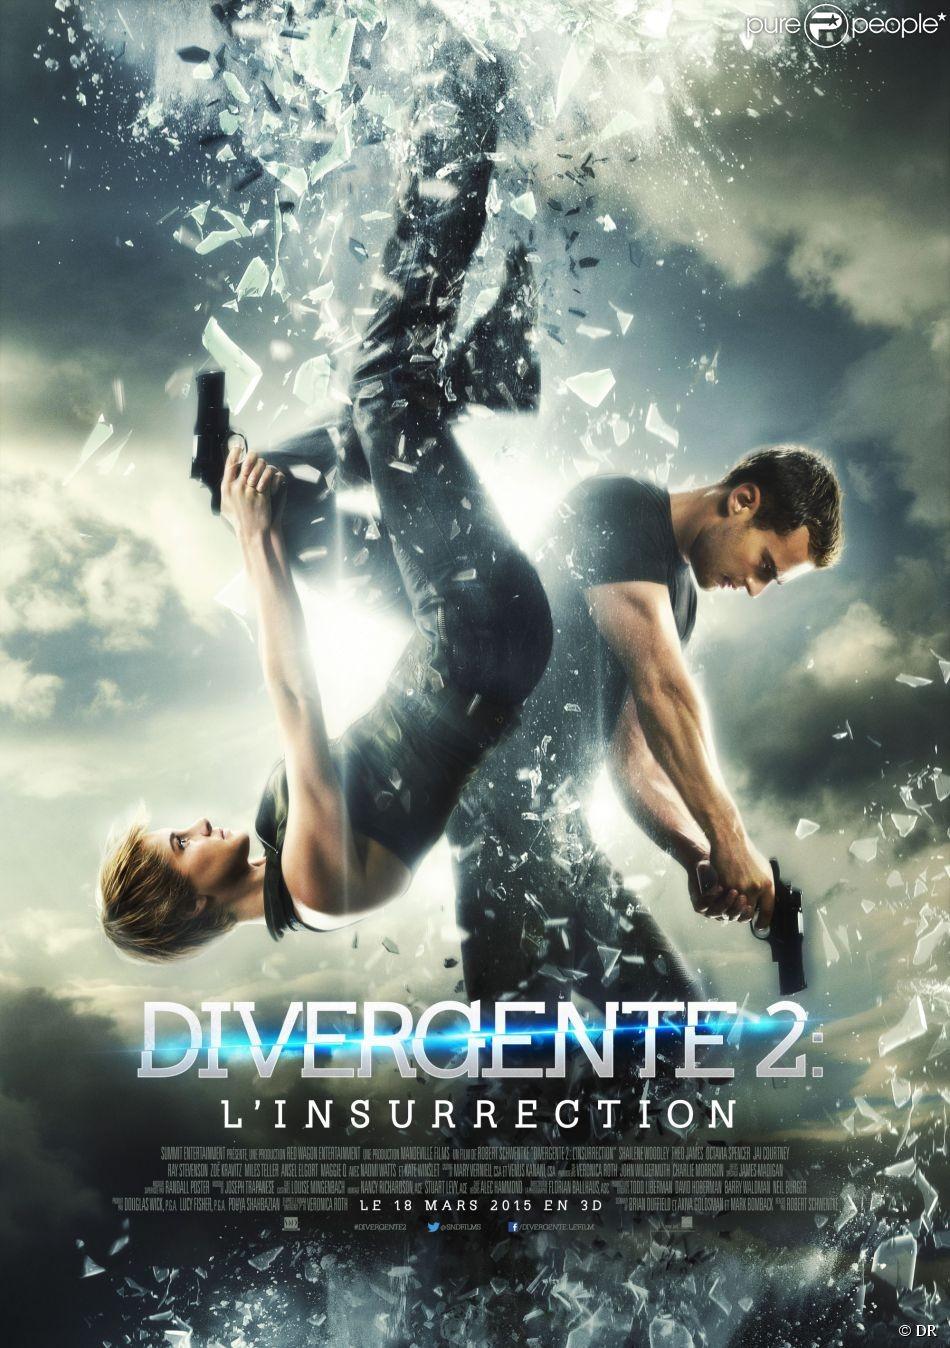 Es-tu vraiment fan de ''Divergente 2'' ?